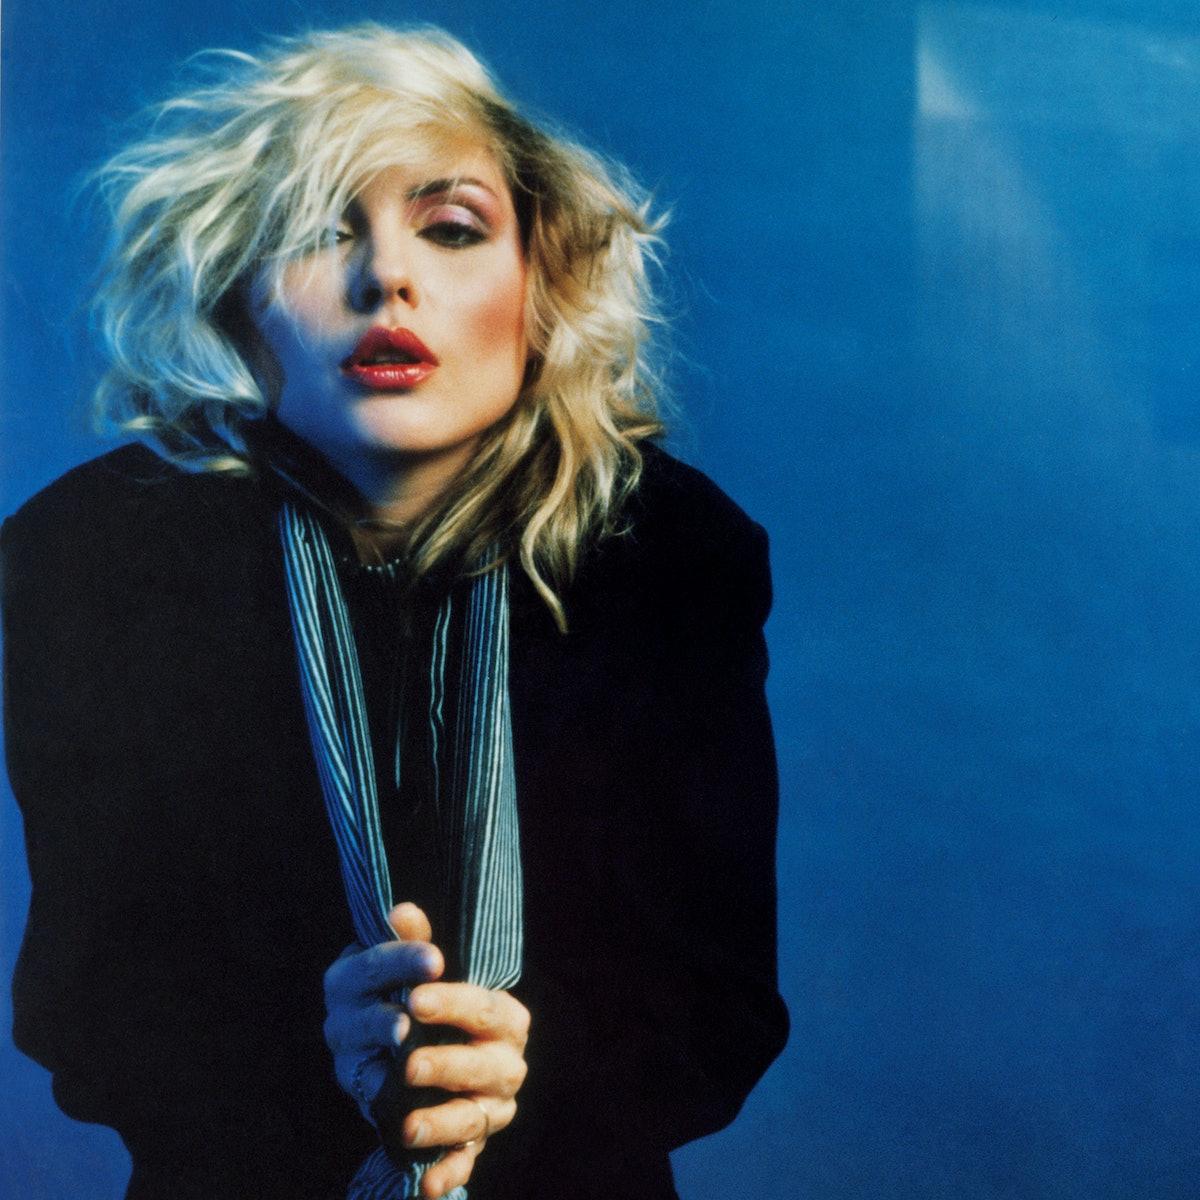 Debbie Harry, 1978 by Mick Rock